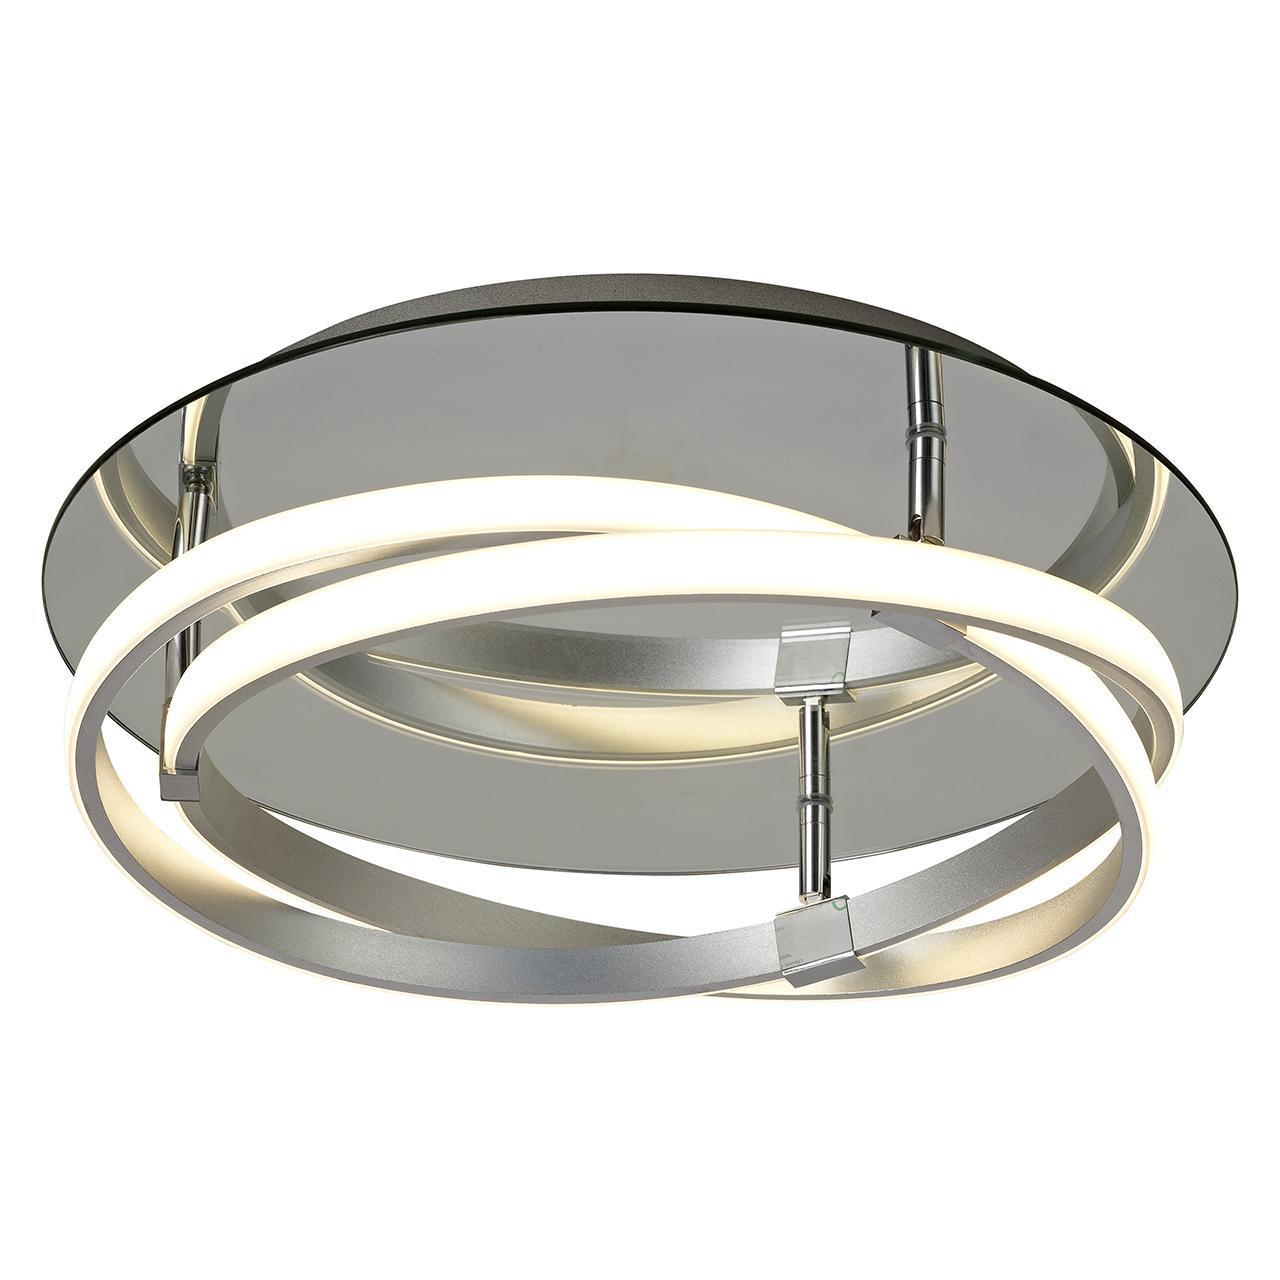 Потолочный светодиодный светильник Mantra Infinity 5727 mantra потолочный светодиодный светильник mantra infinity 5992